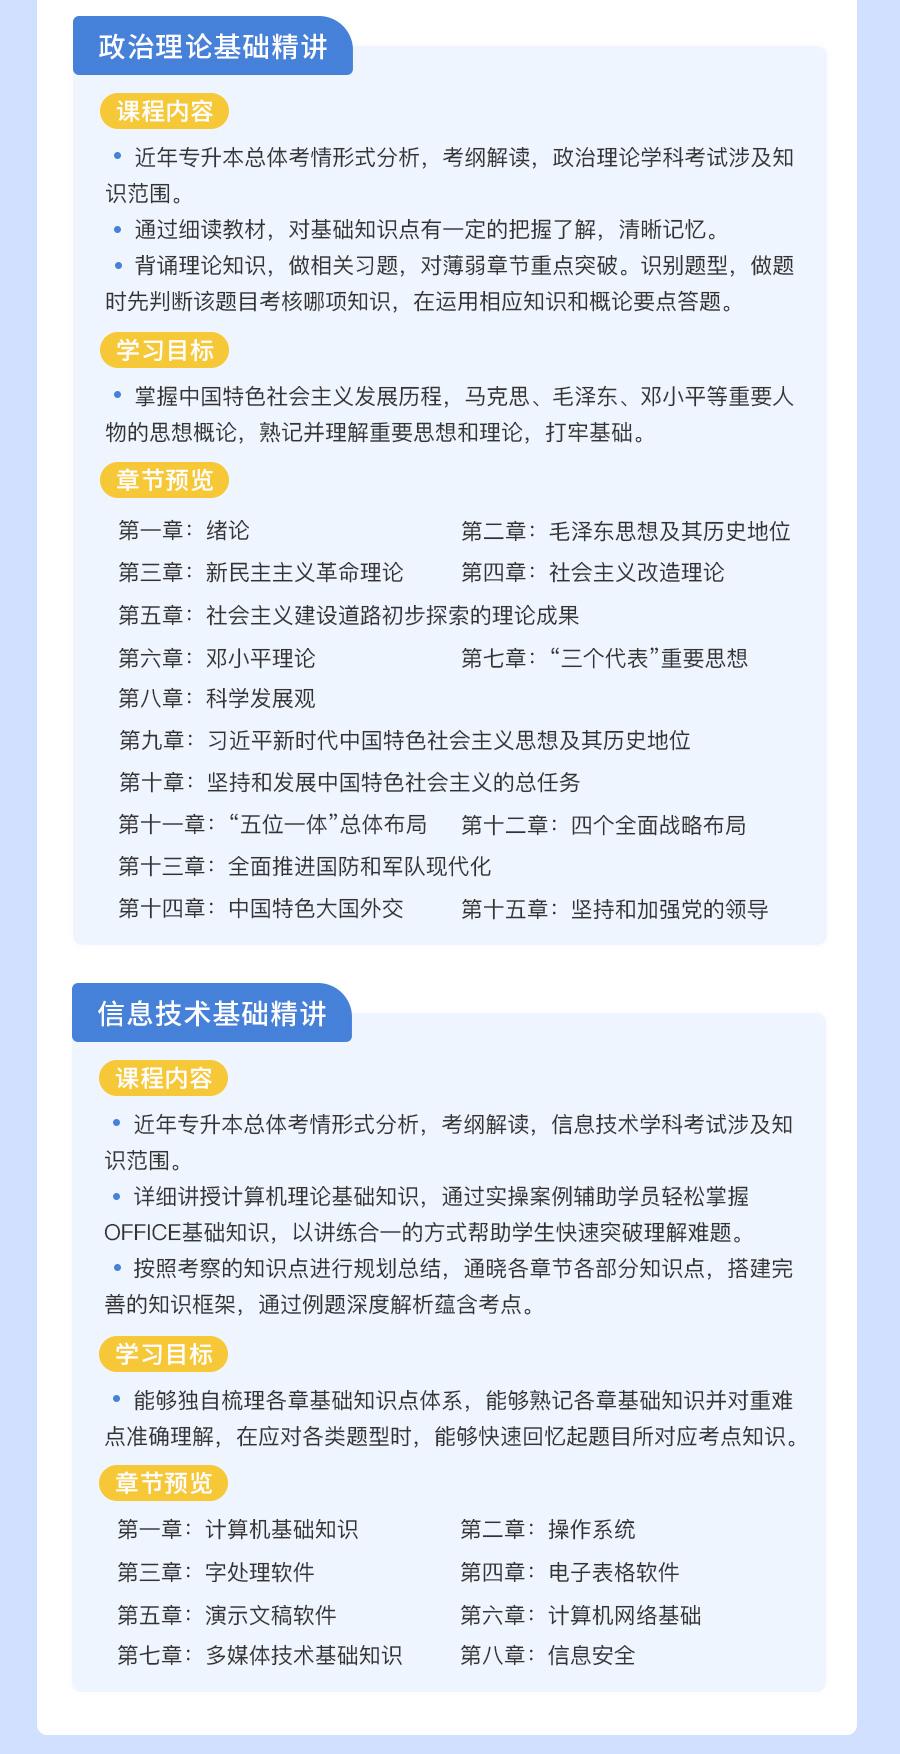 江西-全科-英语+管理学+政治理论+信息技术_03.jpg